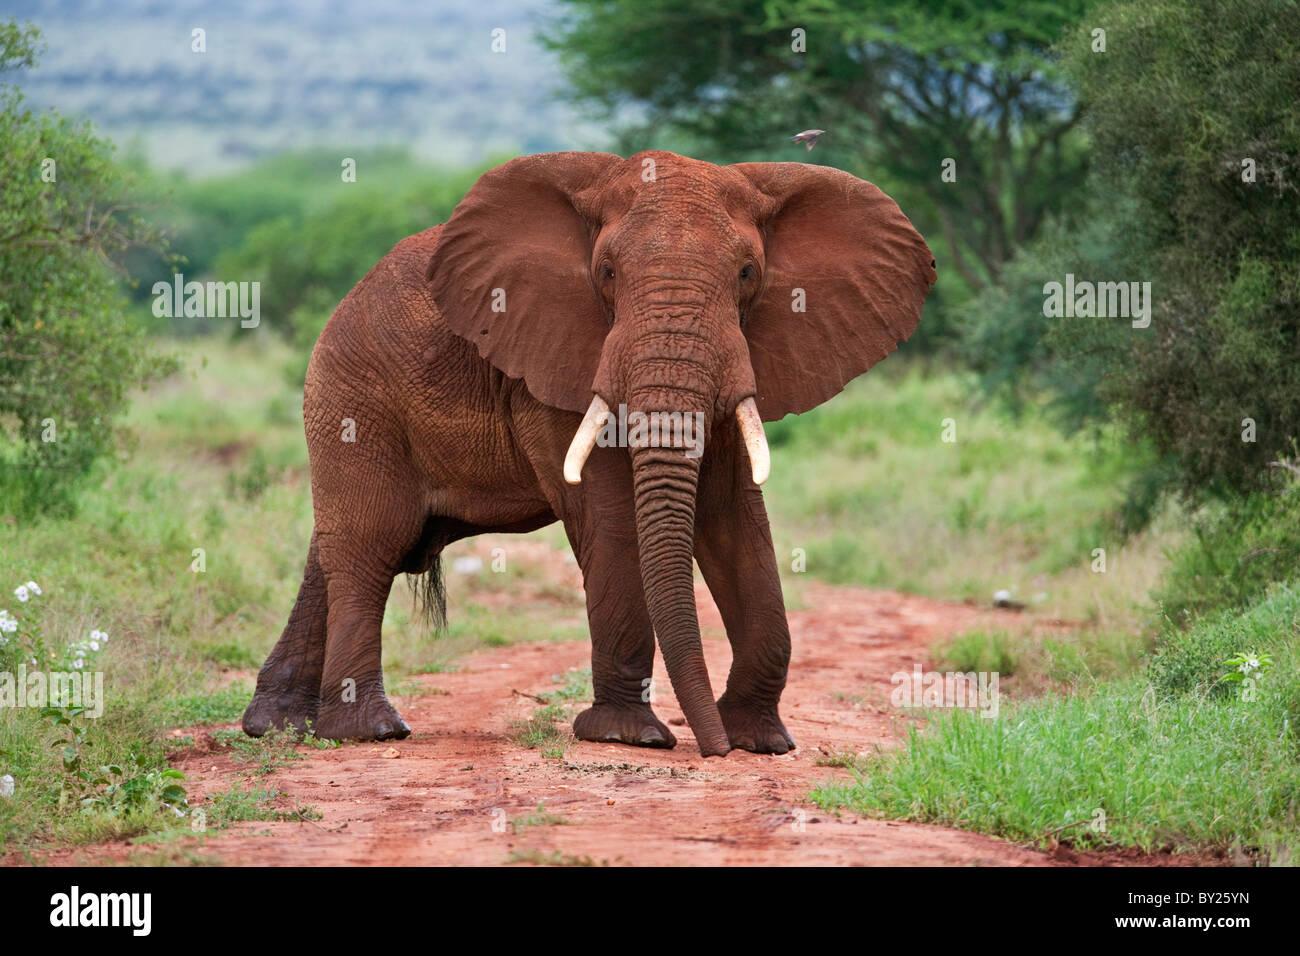 Un elefante coperto di rosso la polvere blocca una traccia in Kenya s Tsavo ovest del Parco Nazionale. Immagini Stock